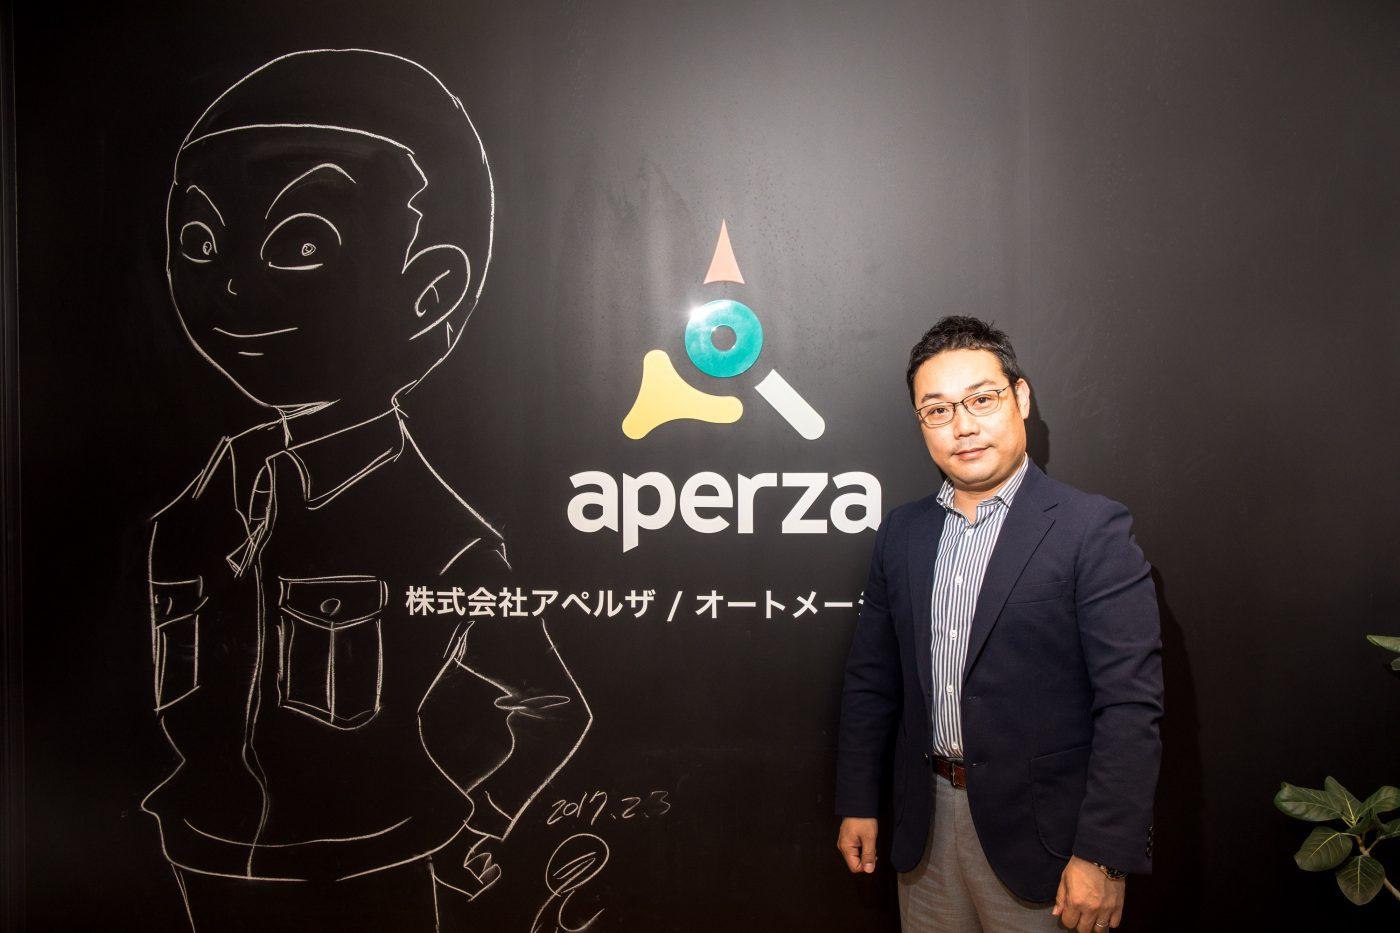 """【アペルザ石原誠CEO】インターネットで製造業の未来を変える。""""点""""と""""点""""とを繋いで描く、理想の姿への道筋"""